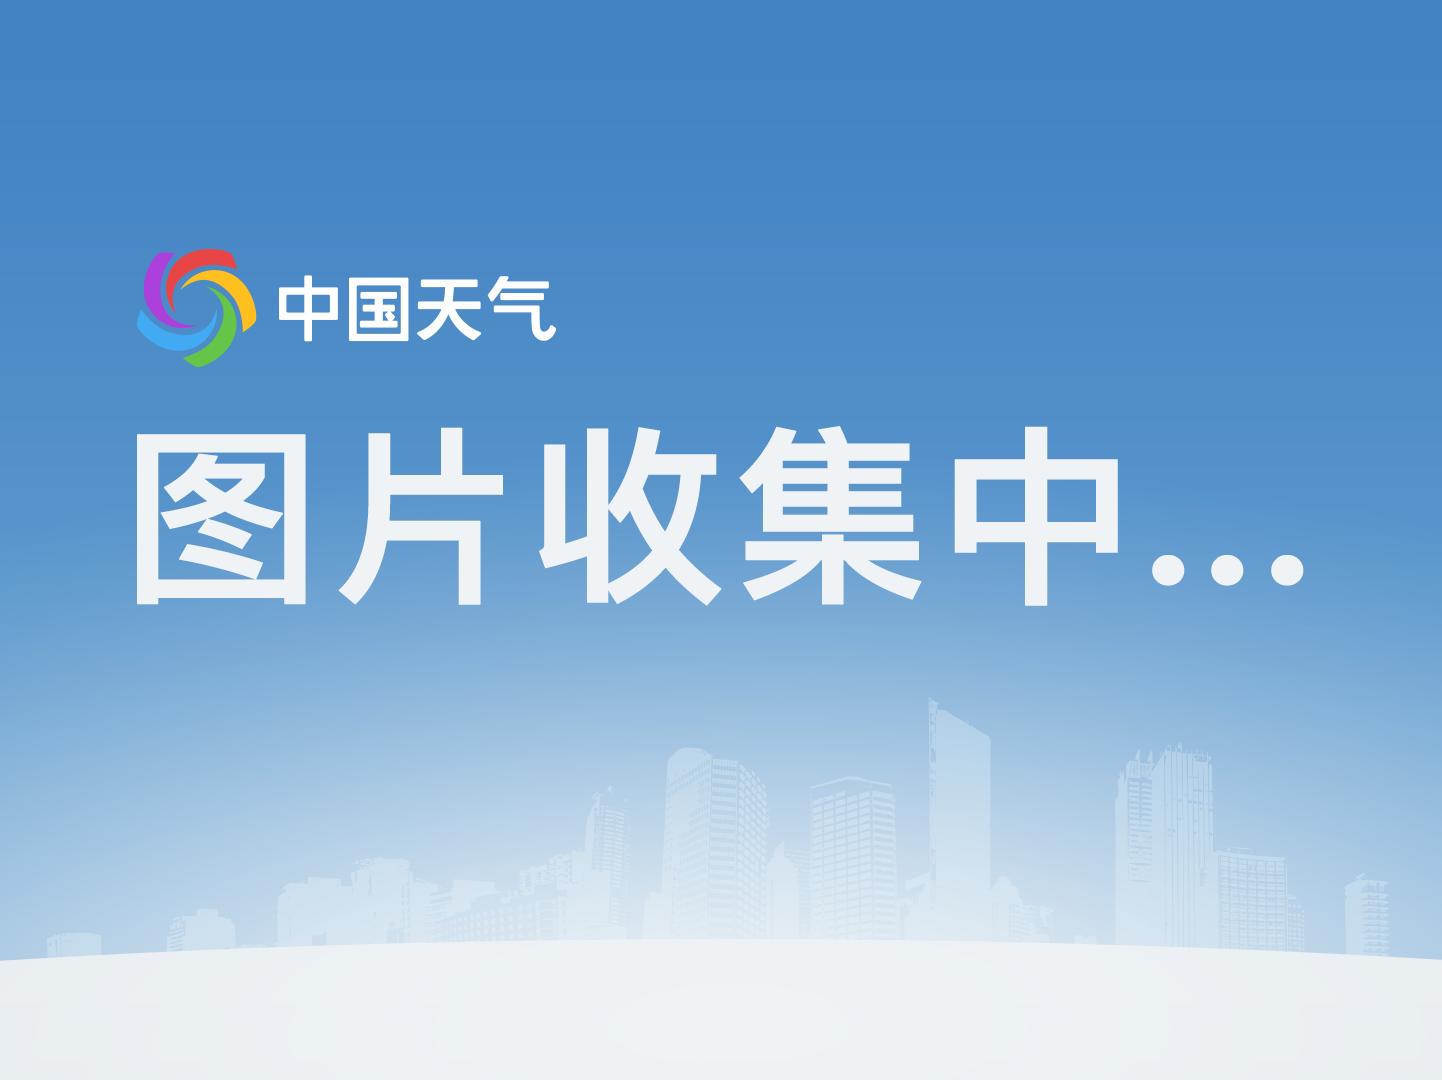 """今年第5号台风""""丹娜丝""""正向台湾岛南部靠近"""